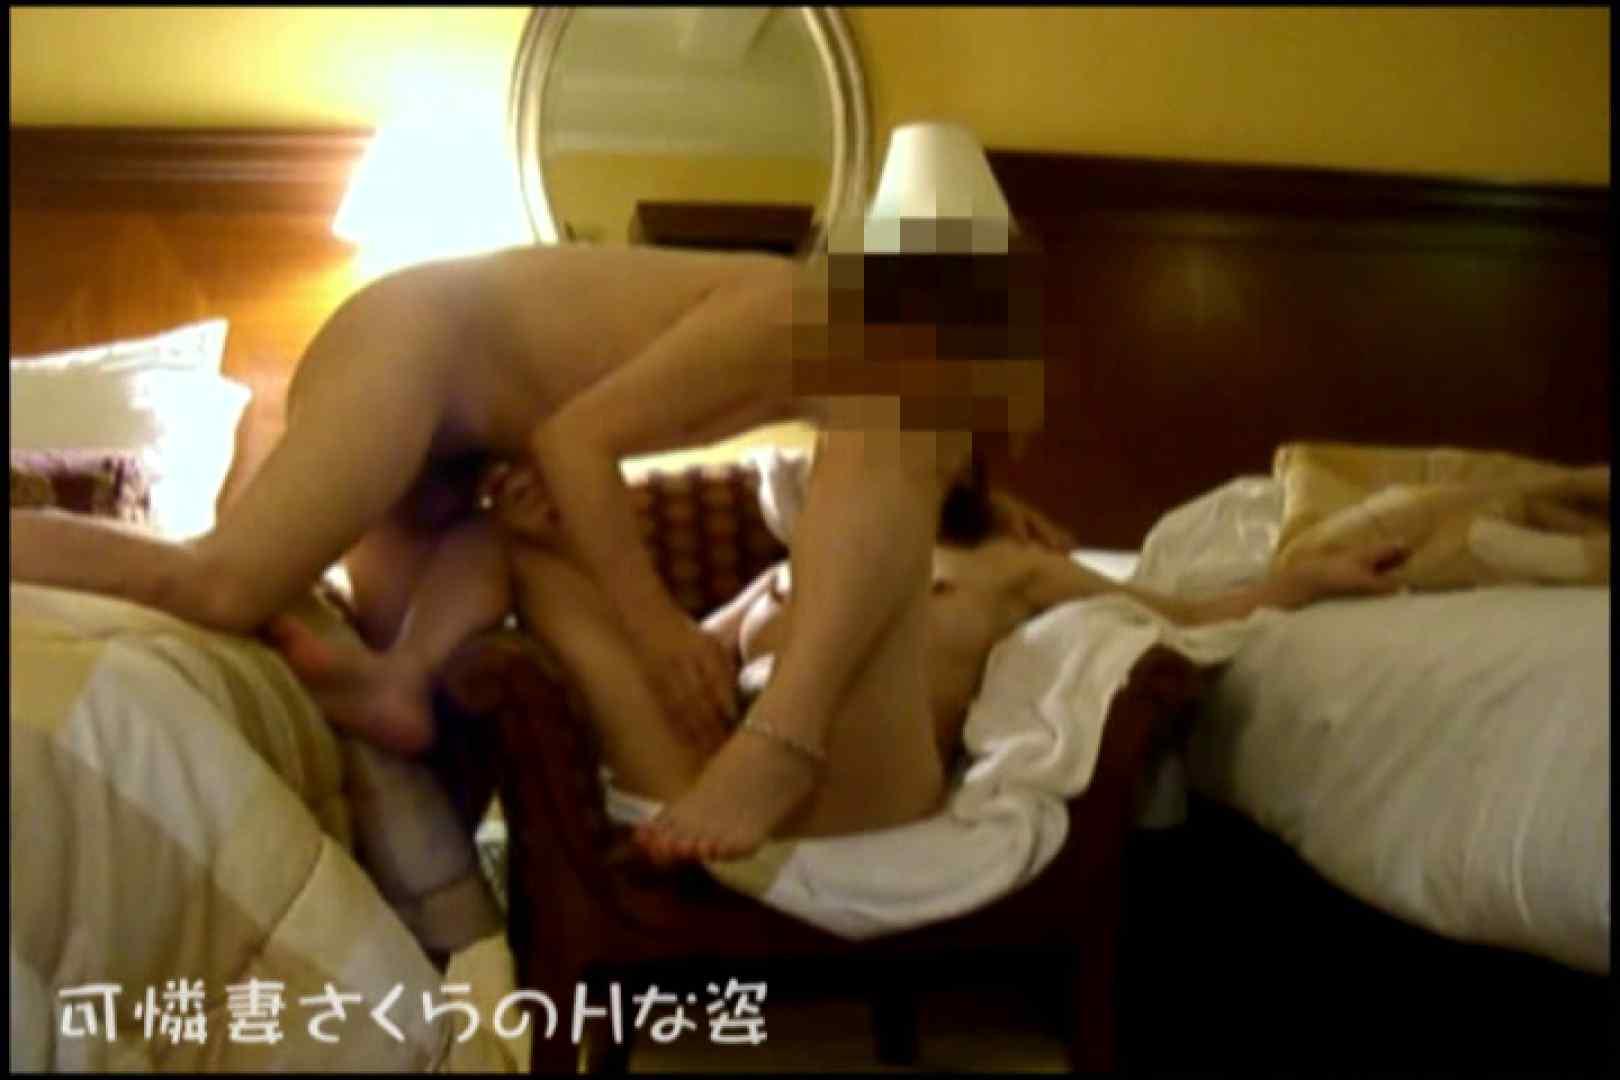 可憐妻さくらのHな姿vol.7 熟女の裸体 | OL裸体  99画像 33